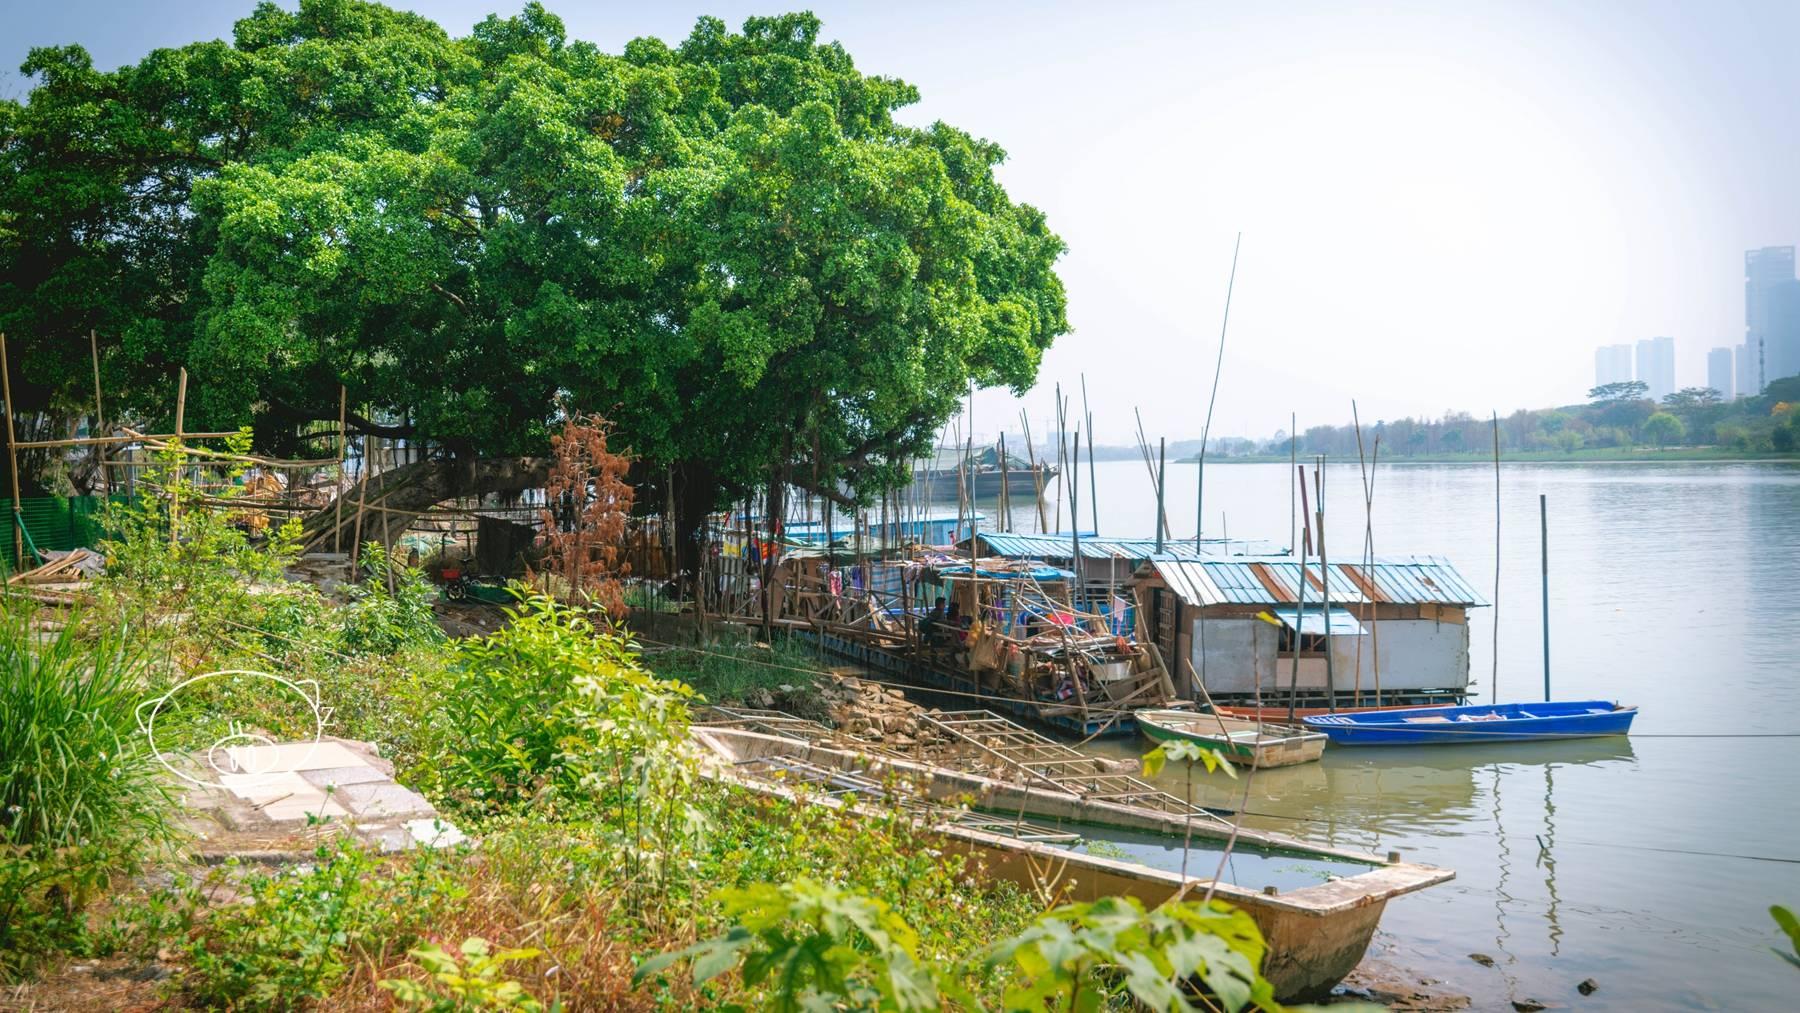 佛山 渔村文化公园看渔人摇桨归家,还能买点河鲜